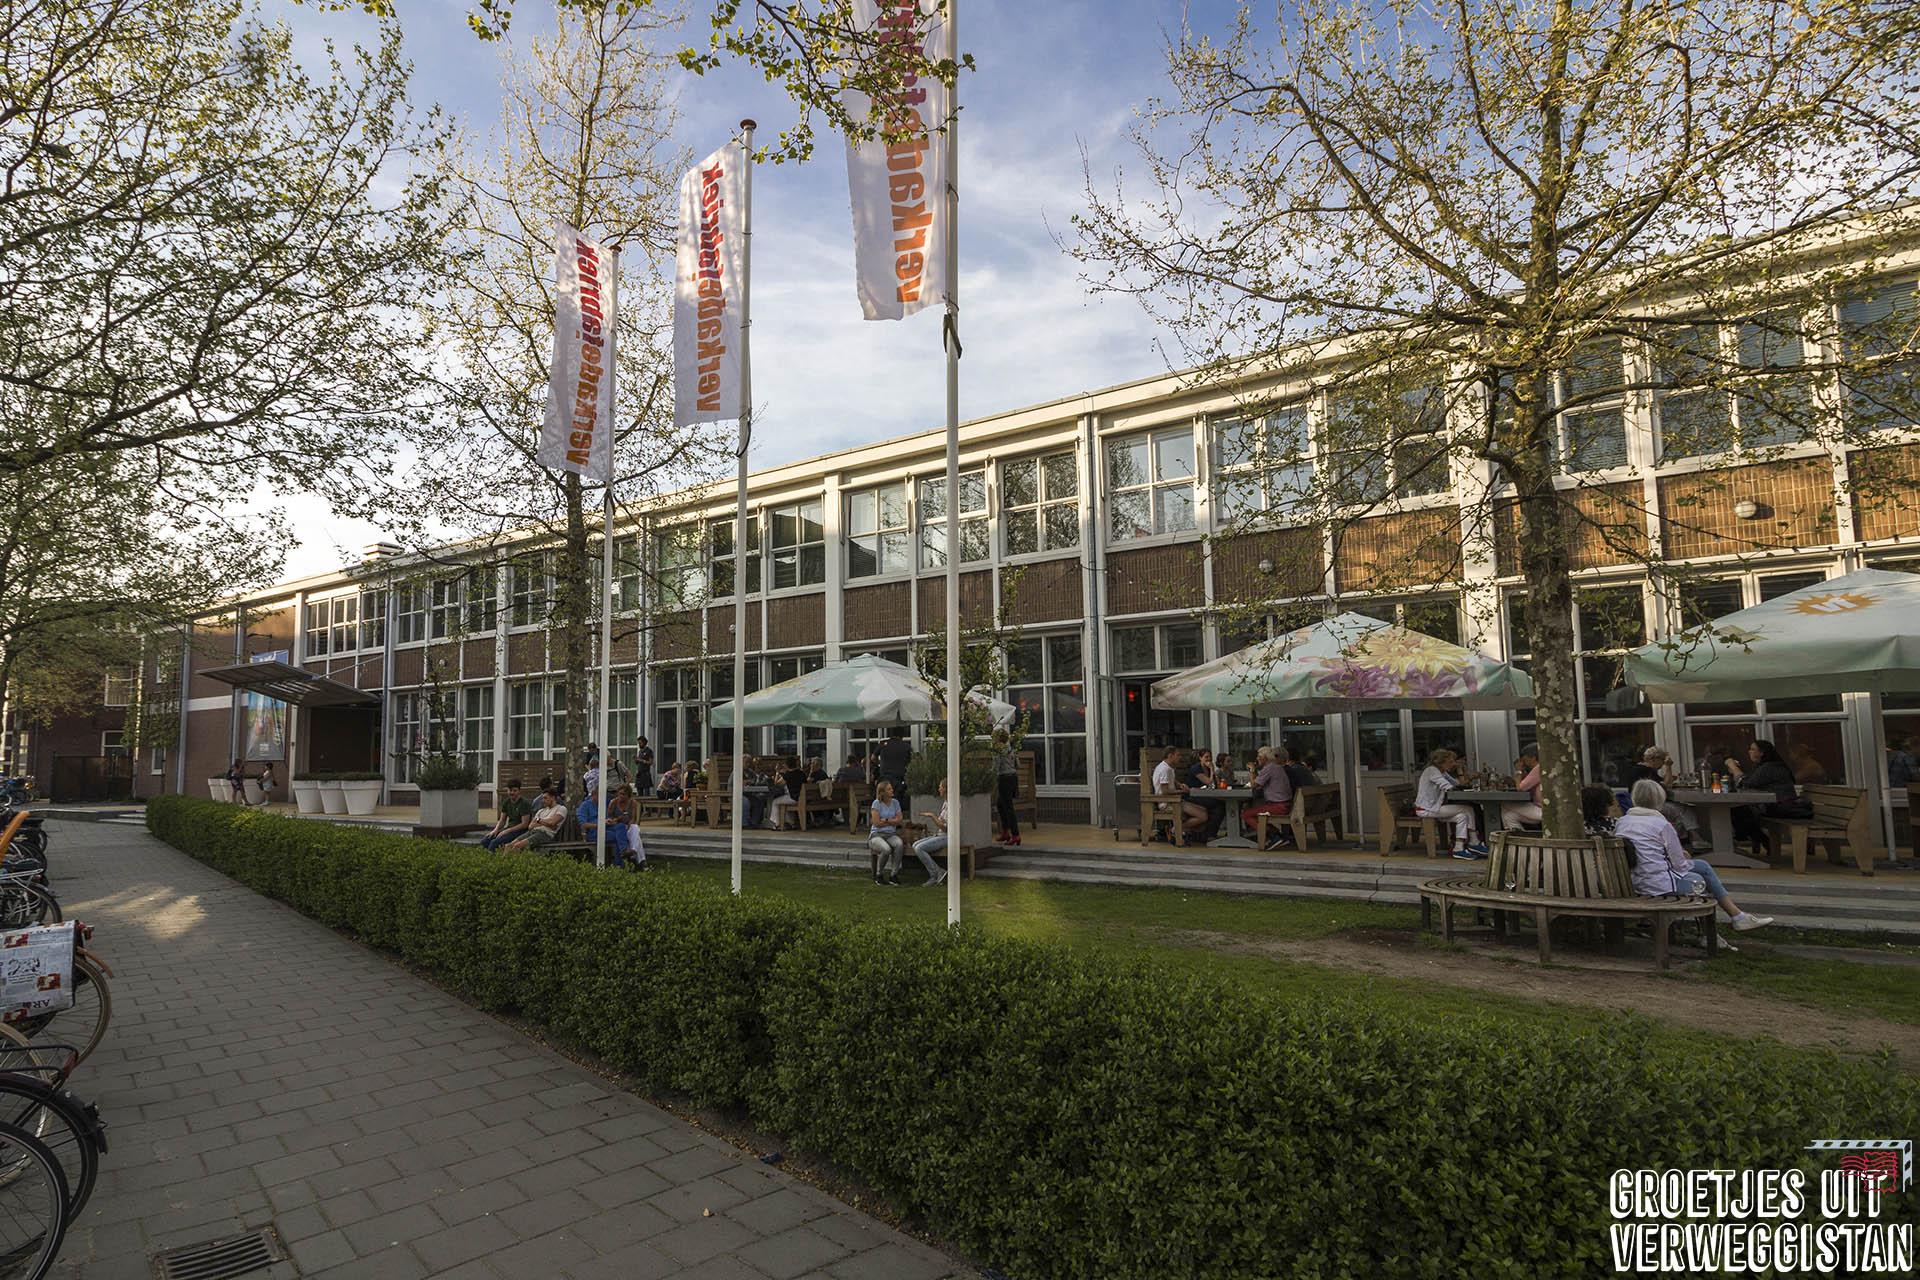 De oude Verkadefabriek in Den Bosch. Nu is het een cultureel centrum met onder andere een filmhuis, theater en restaurant.